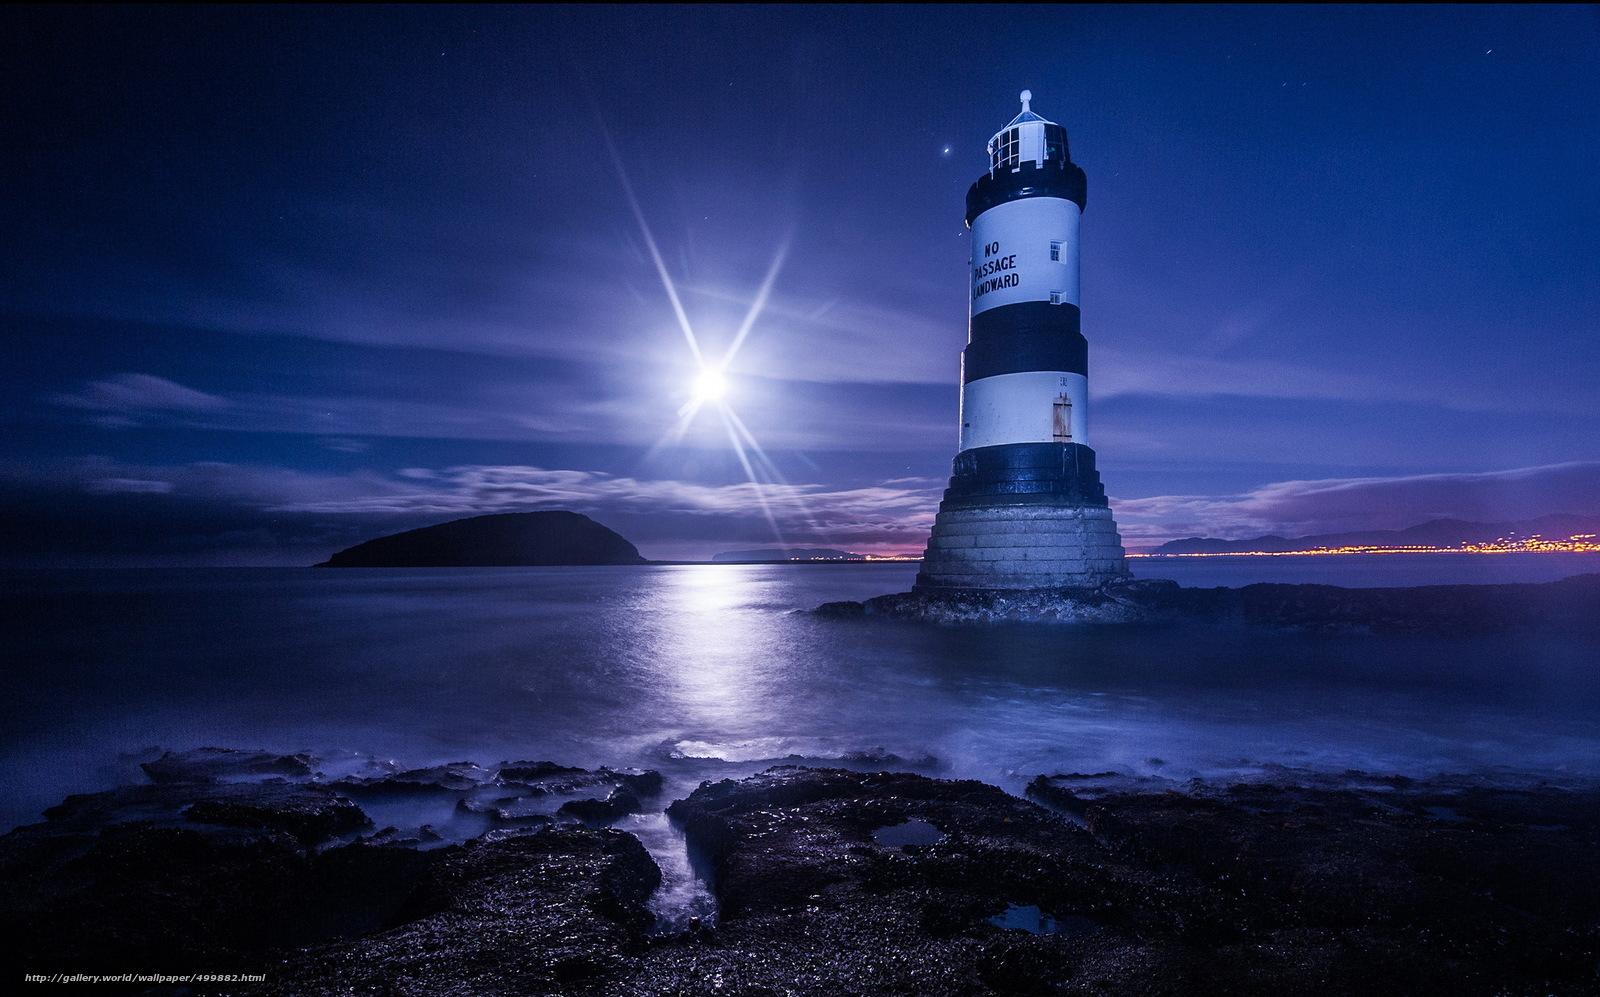 Scaricare Gli Sfondi Mare Notte Luna Faro Sfondi Gratis Per La